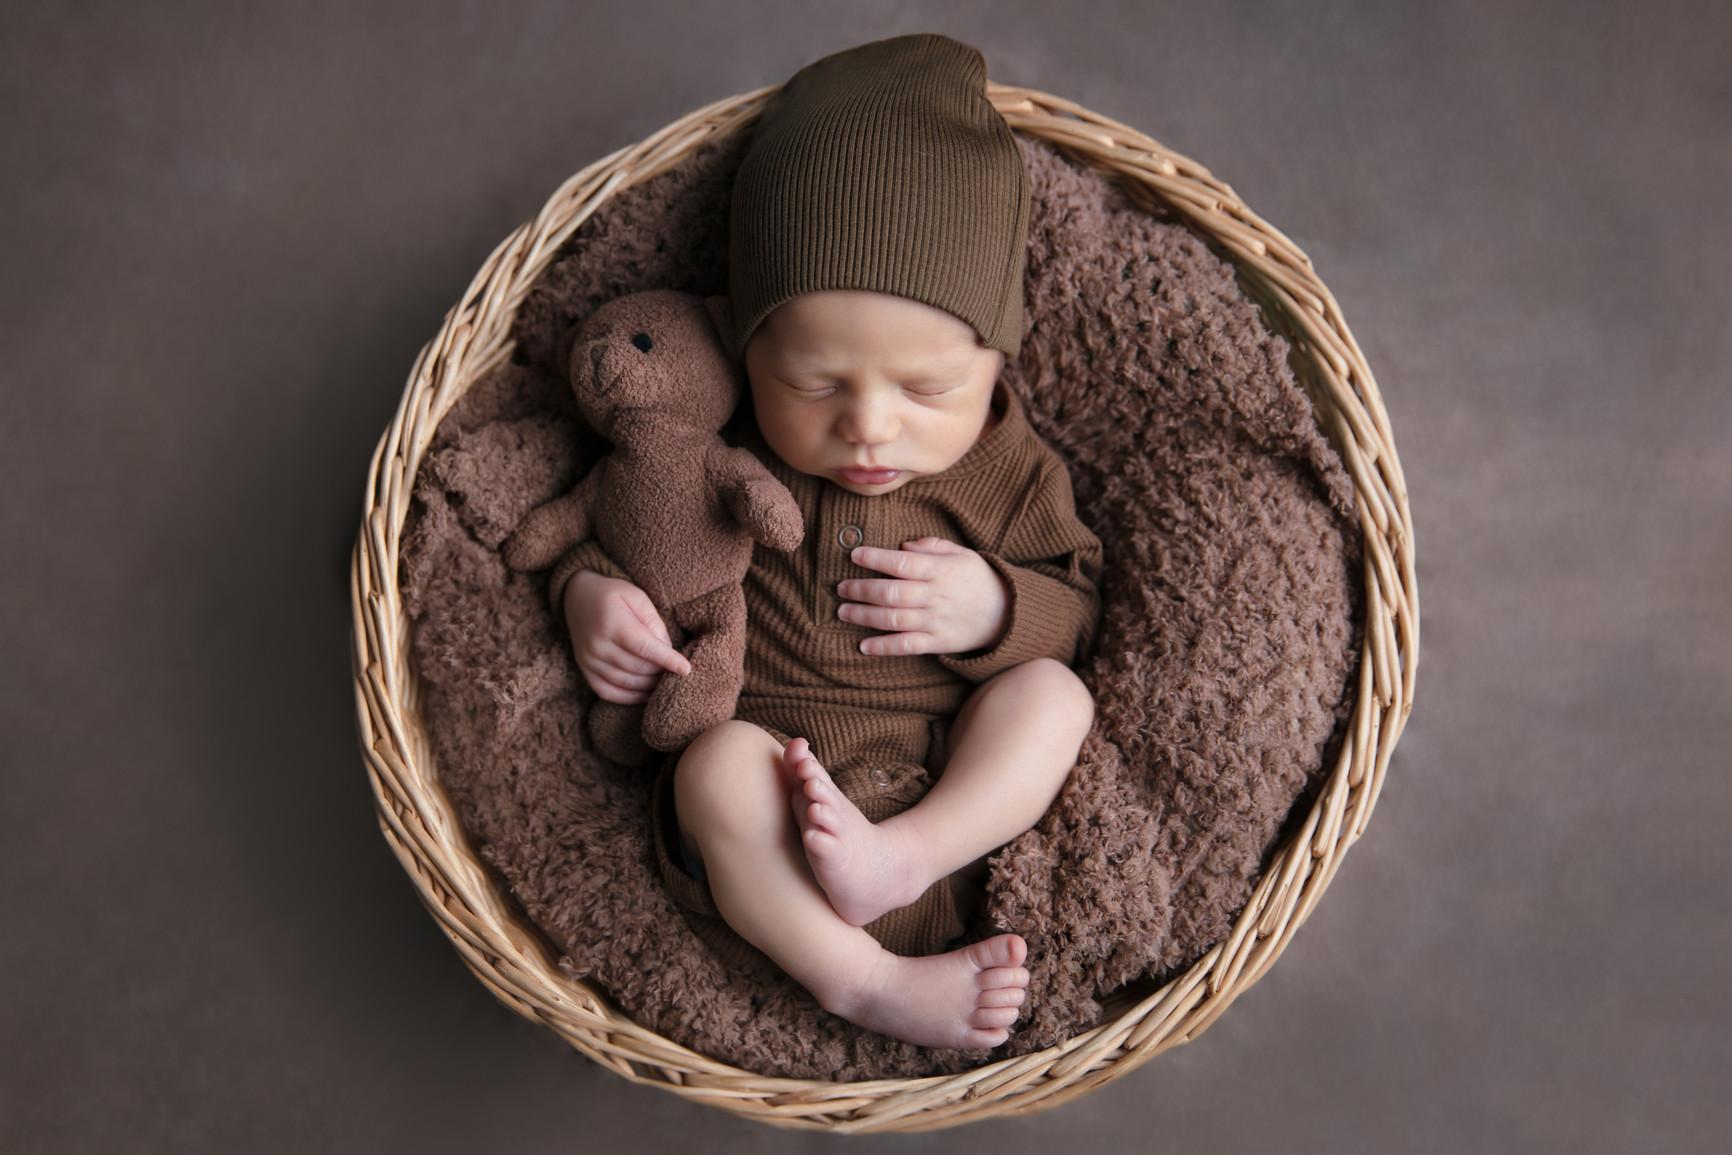 newborn baby boy brown